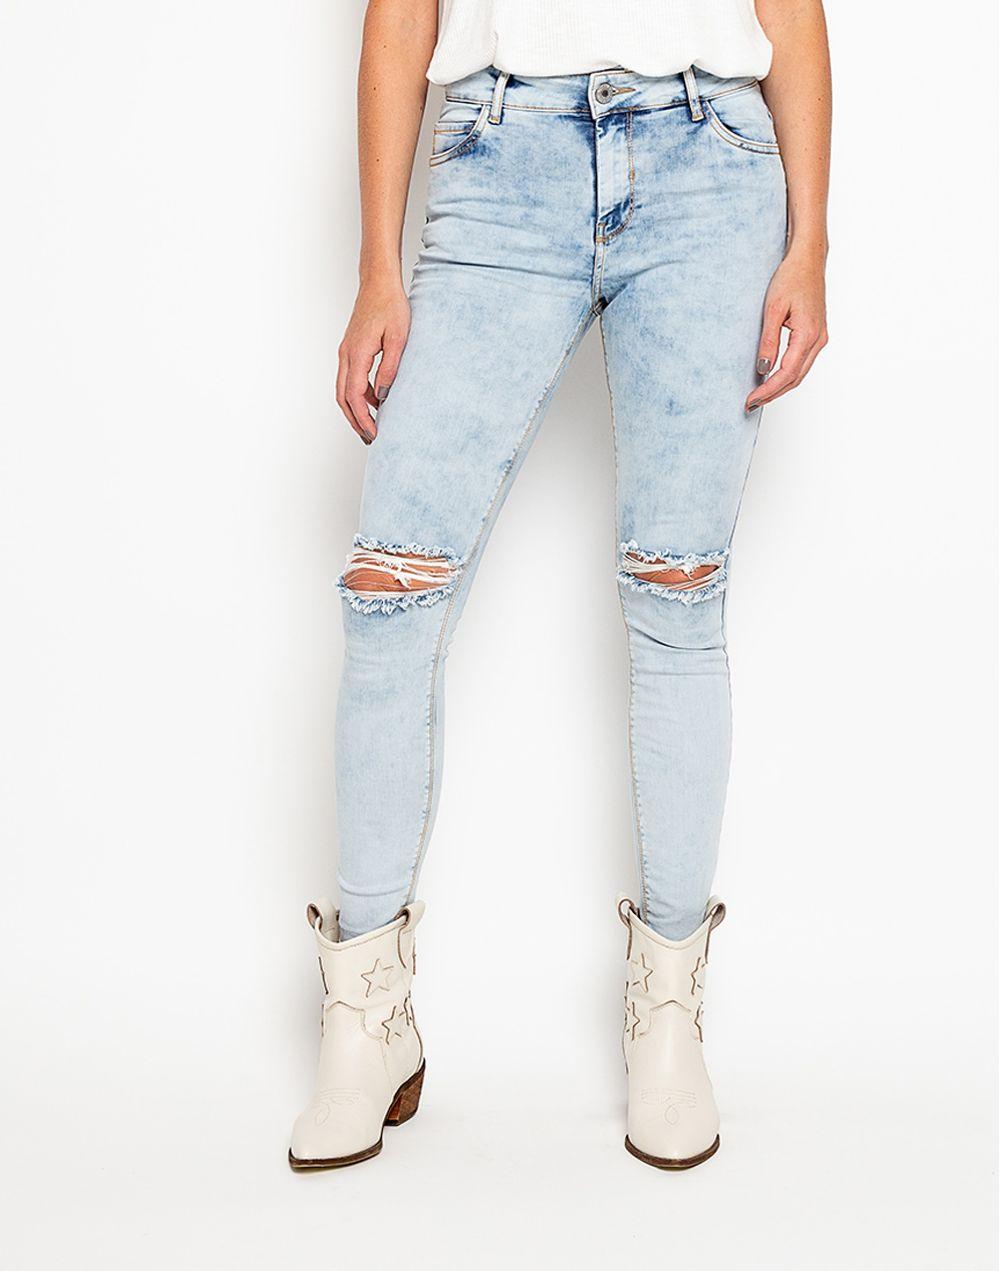 Medium Waist Jeans Rotos En Rodilla Azul 14 Compra En Tienda Color Blue Colorblue